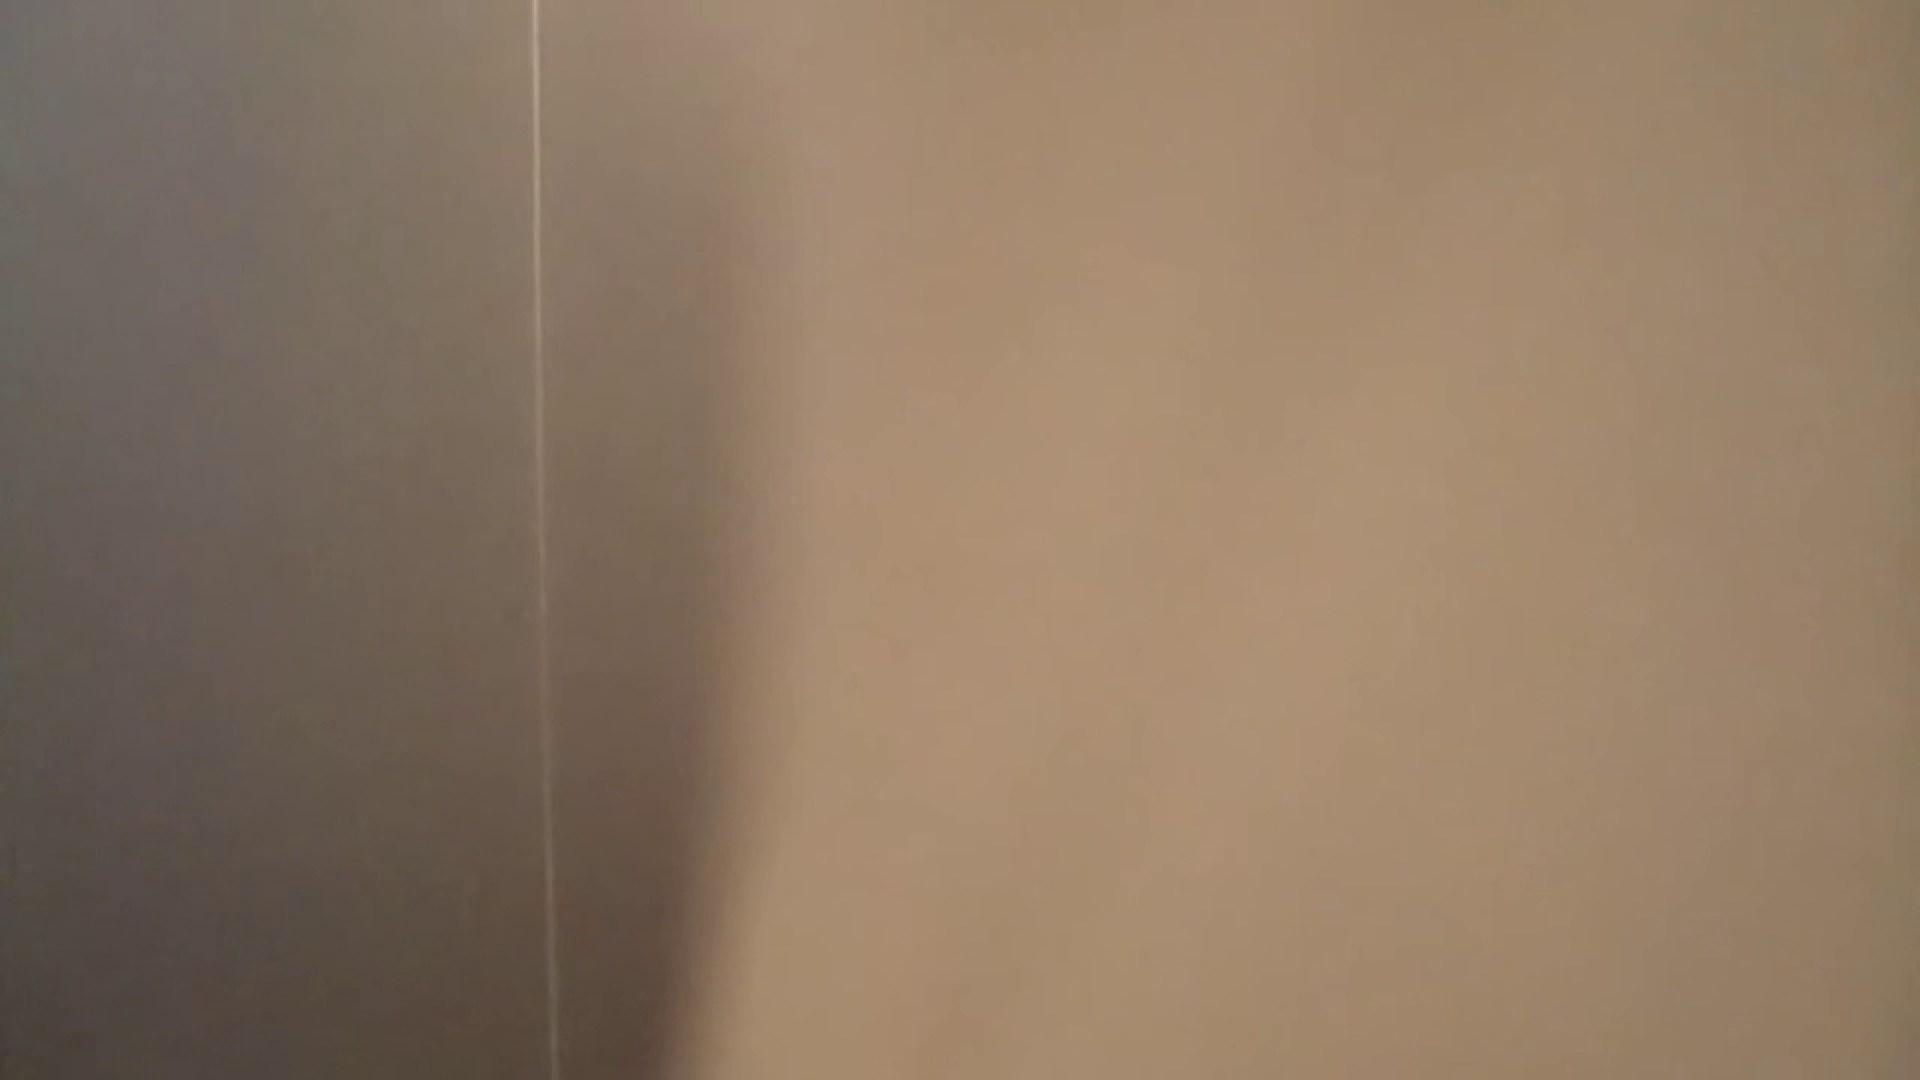 vol.2 葵のグラドル顔負けの爆乳を入浴シーンでどうぞ。 爆乳   ギャル達  110枚 17